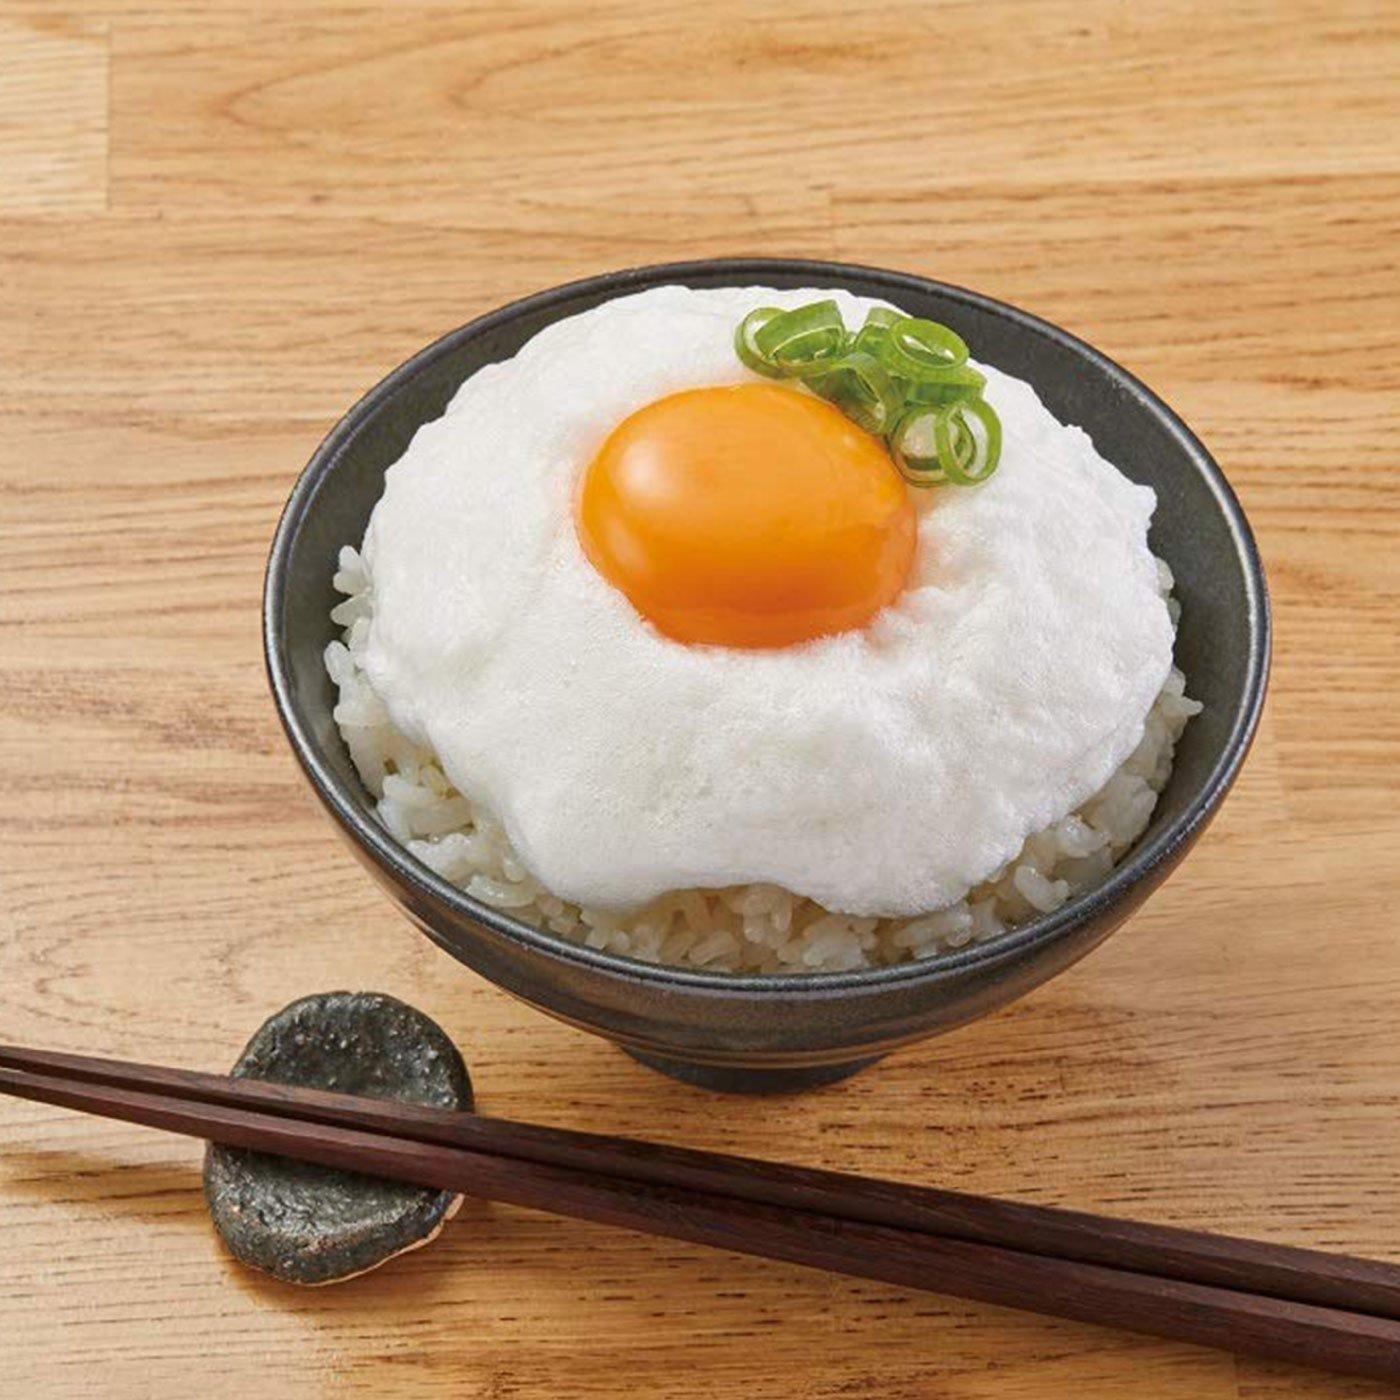 卵料理がおいしくなる!たまごかけご飯&レンジふわふわ卵焼きセット